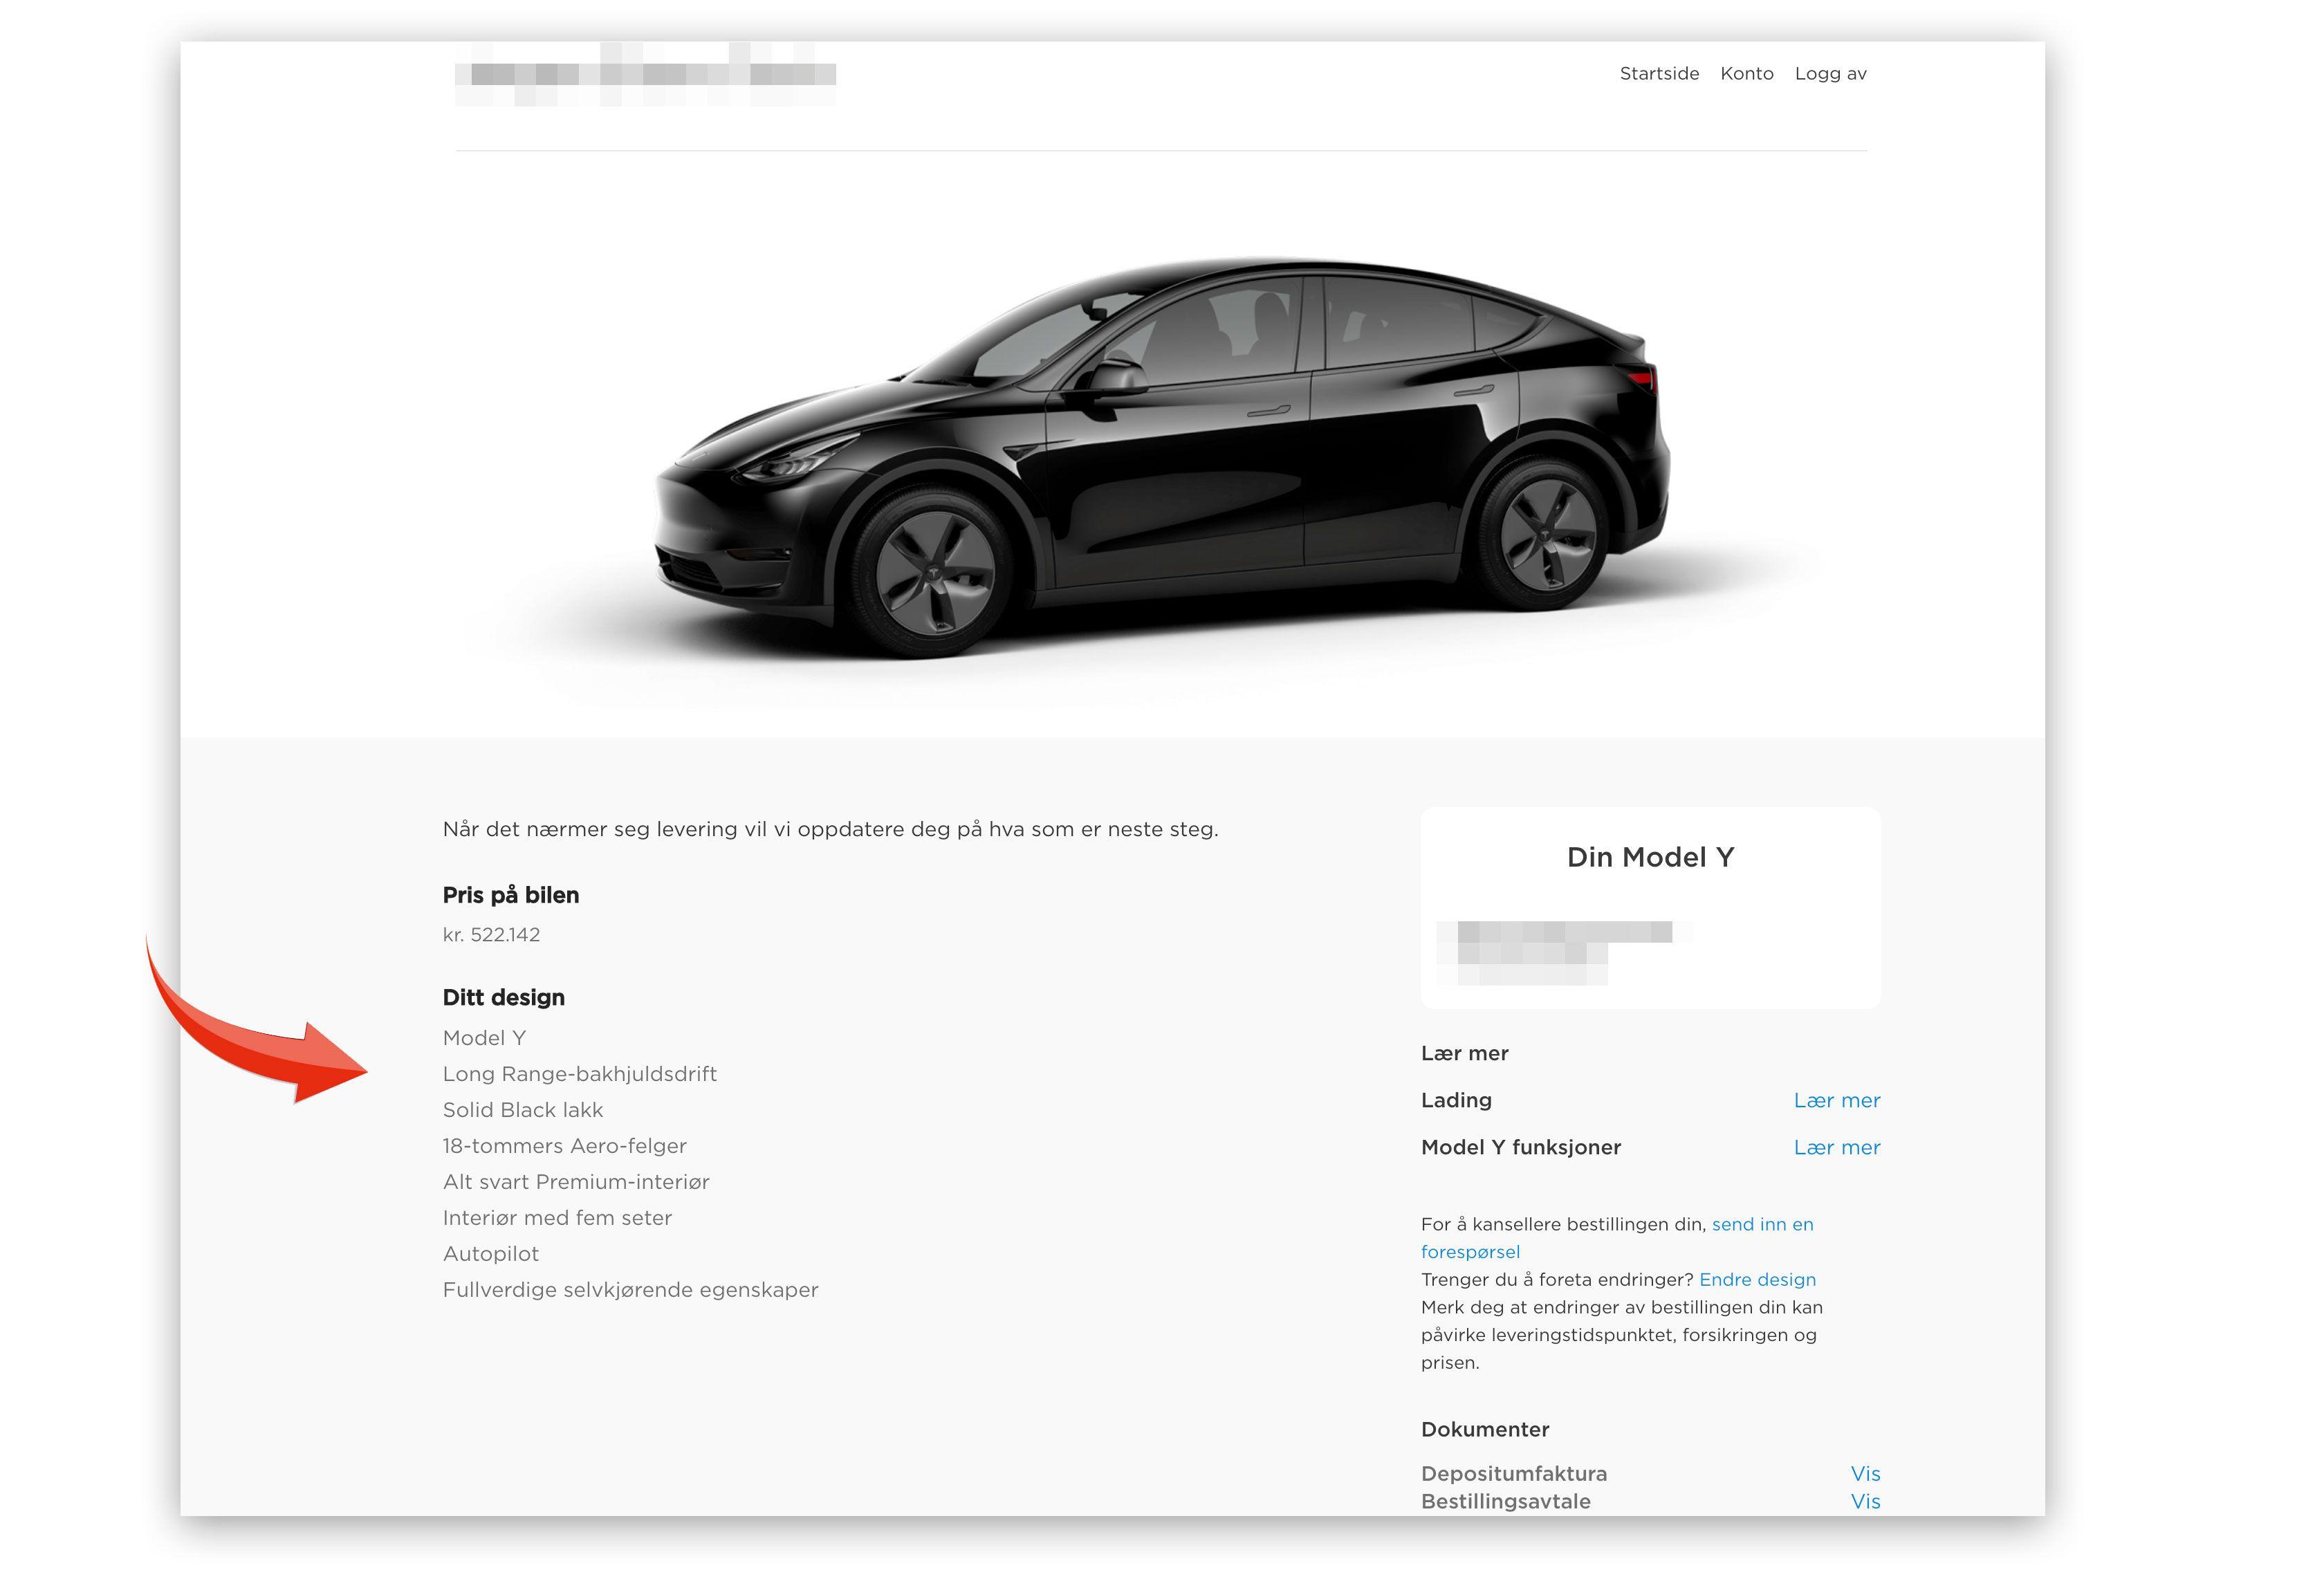 Slik ser bestillingsbekreftelsen ut til Tek.no-leseren for en Tesla Model Y, long range med bakhjulsdrift. Denne varianten ser nå ut til å være faset ut av Tesla, uten at de har gitt beskjed om det.